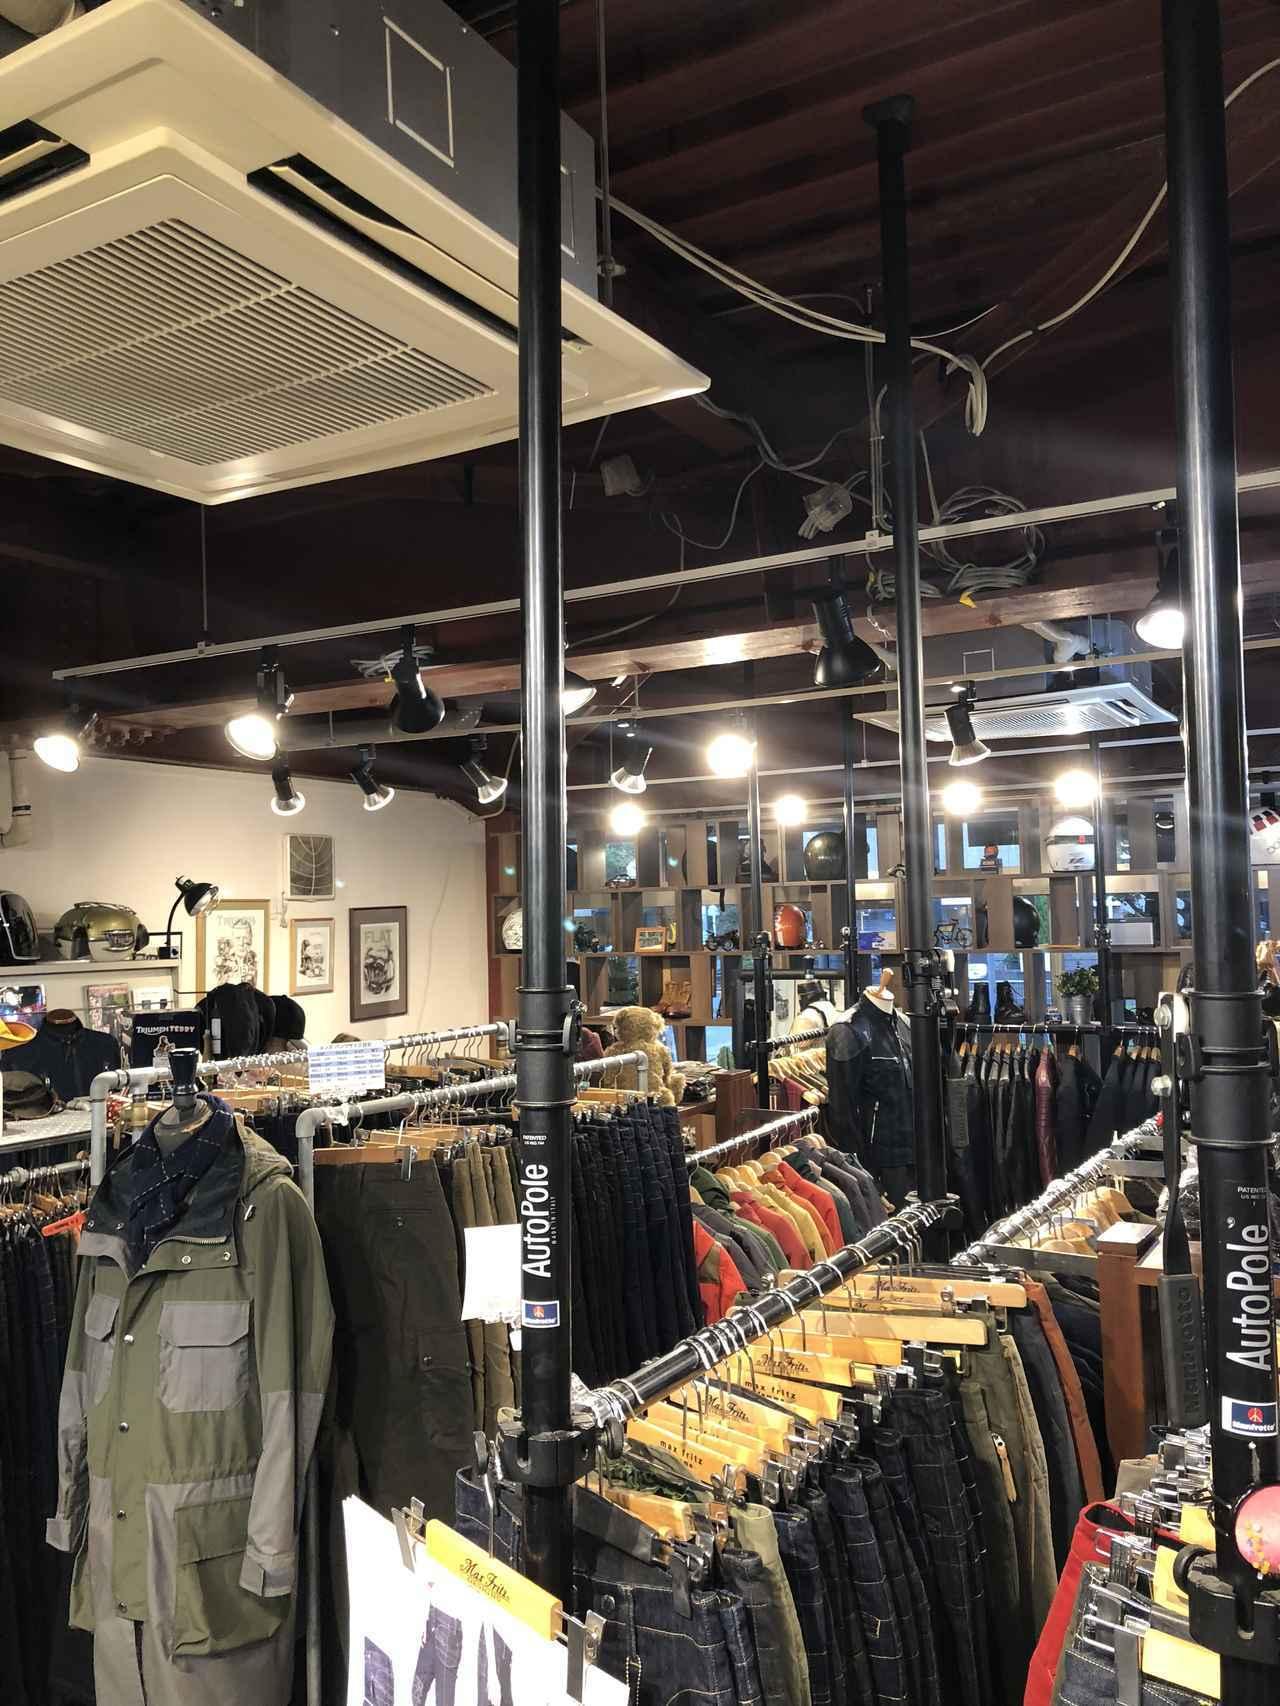 画像6: 大人のためのライディングアパレル MaxFritz 本店 が移転してリニュアルオープン